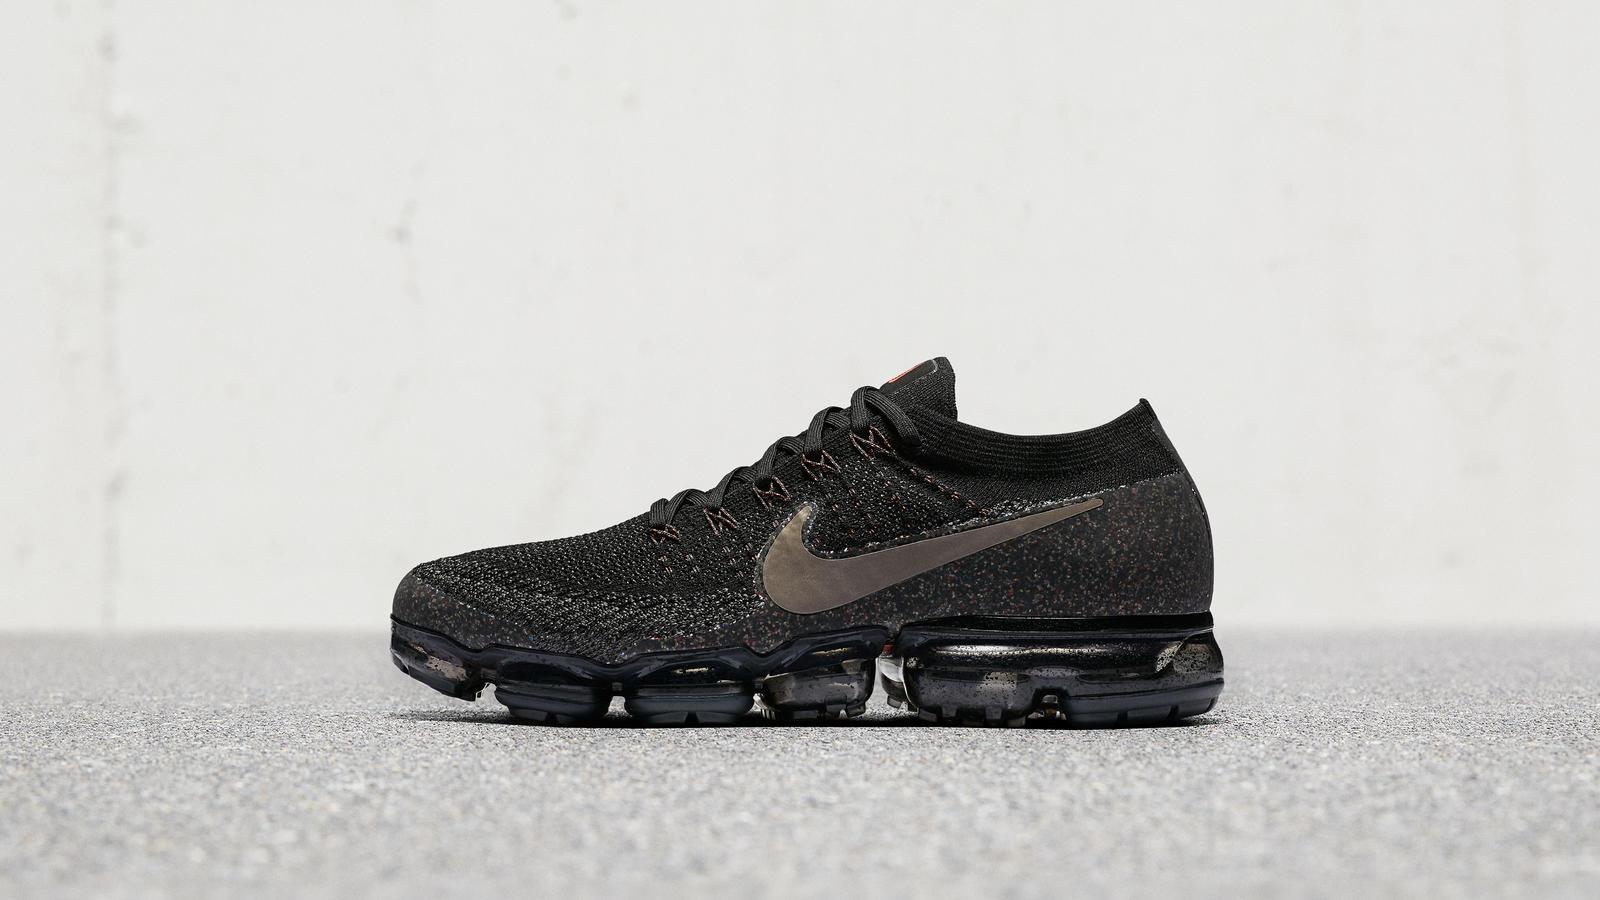 Nike Air VaporMax Women's Running Shoe 2019 – Savage Season